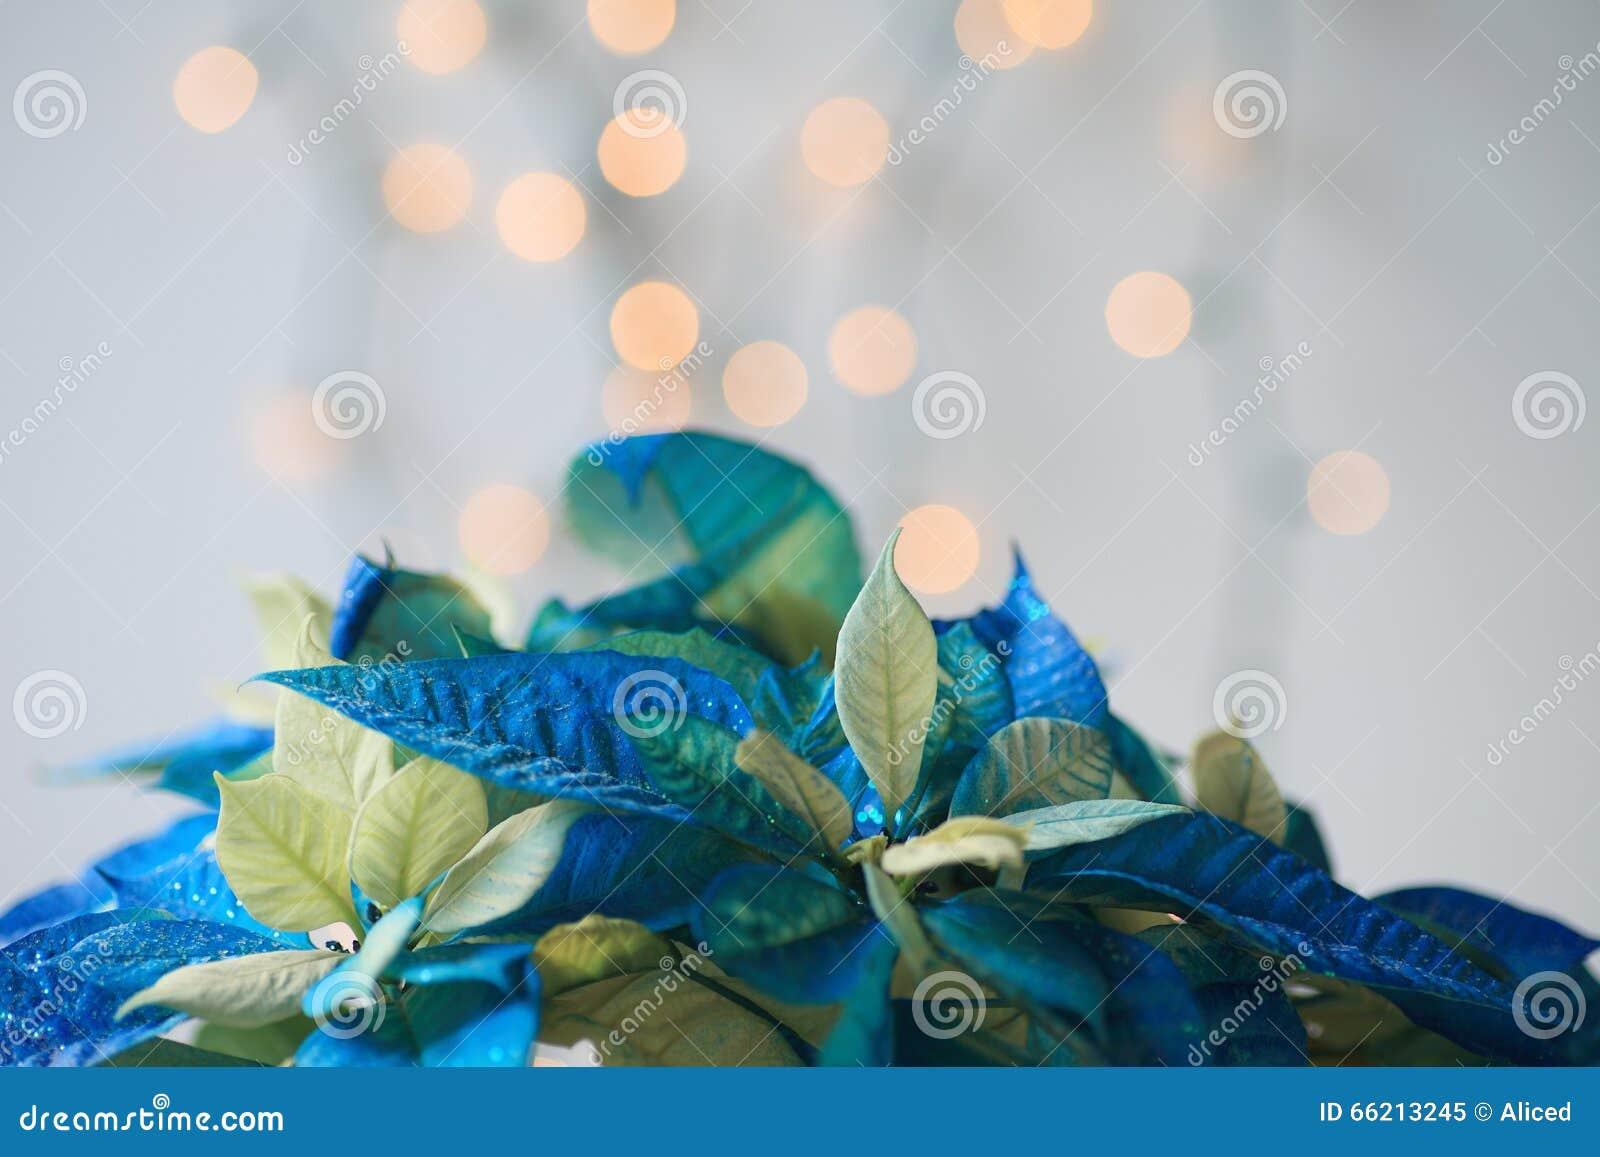 Pianta Stella Di Natale Prezzo.Stella Di Natale Blu Con Scintillio Immagine Stock Immagine Di